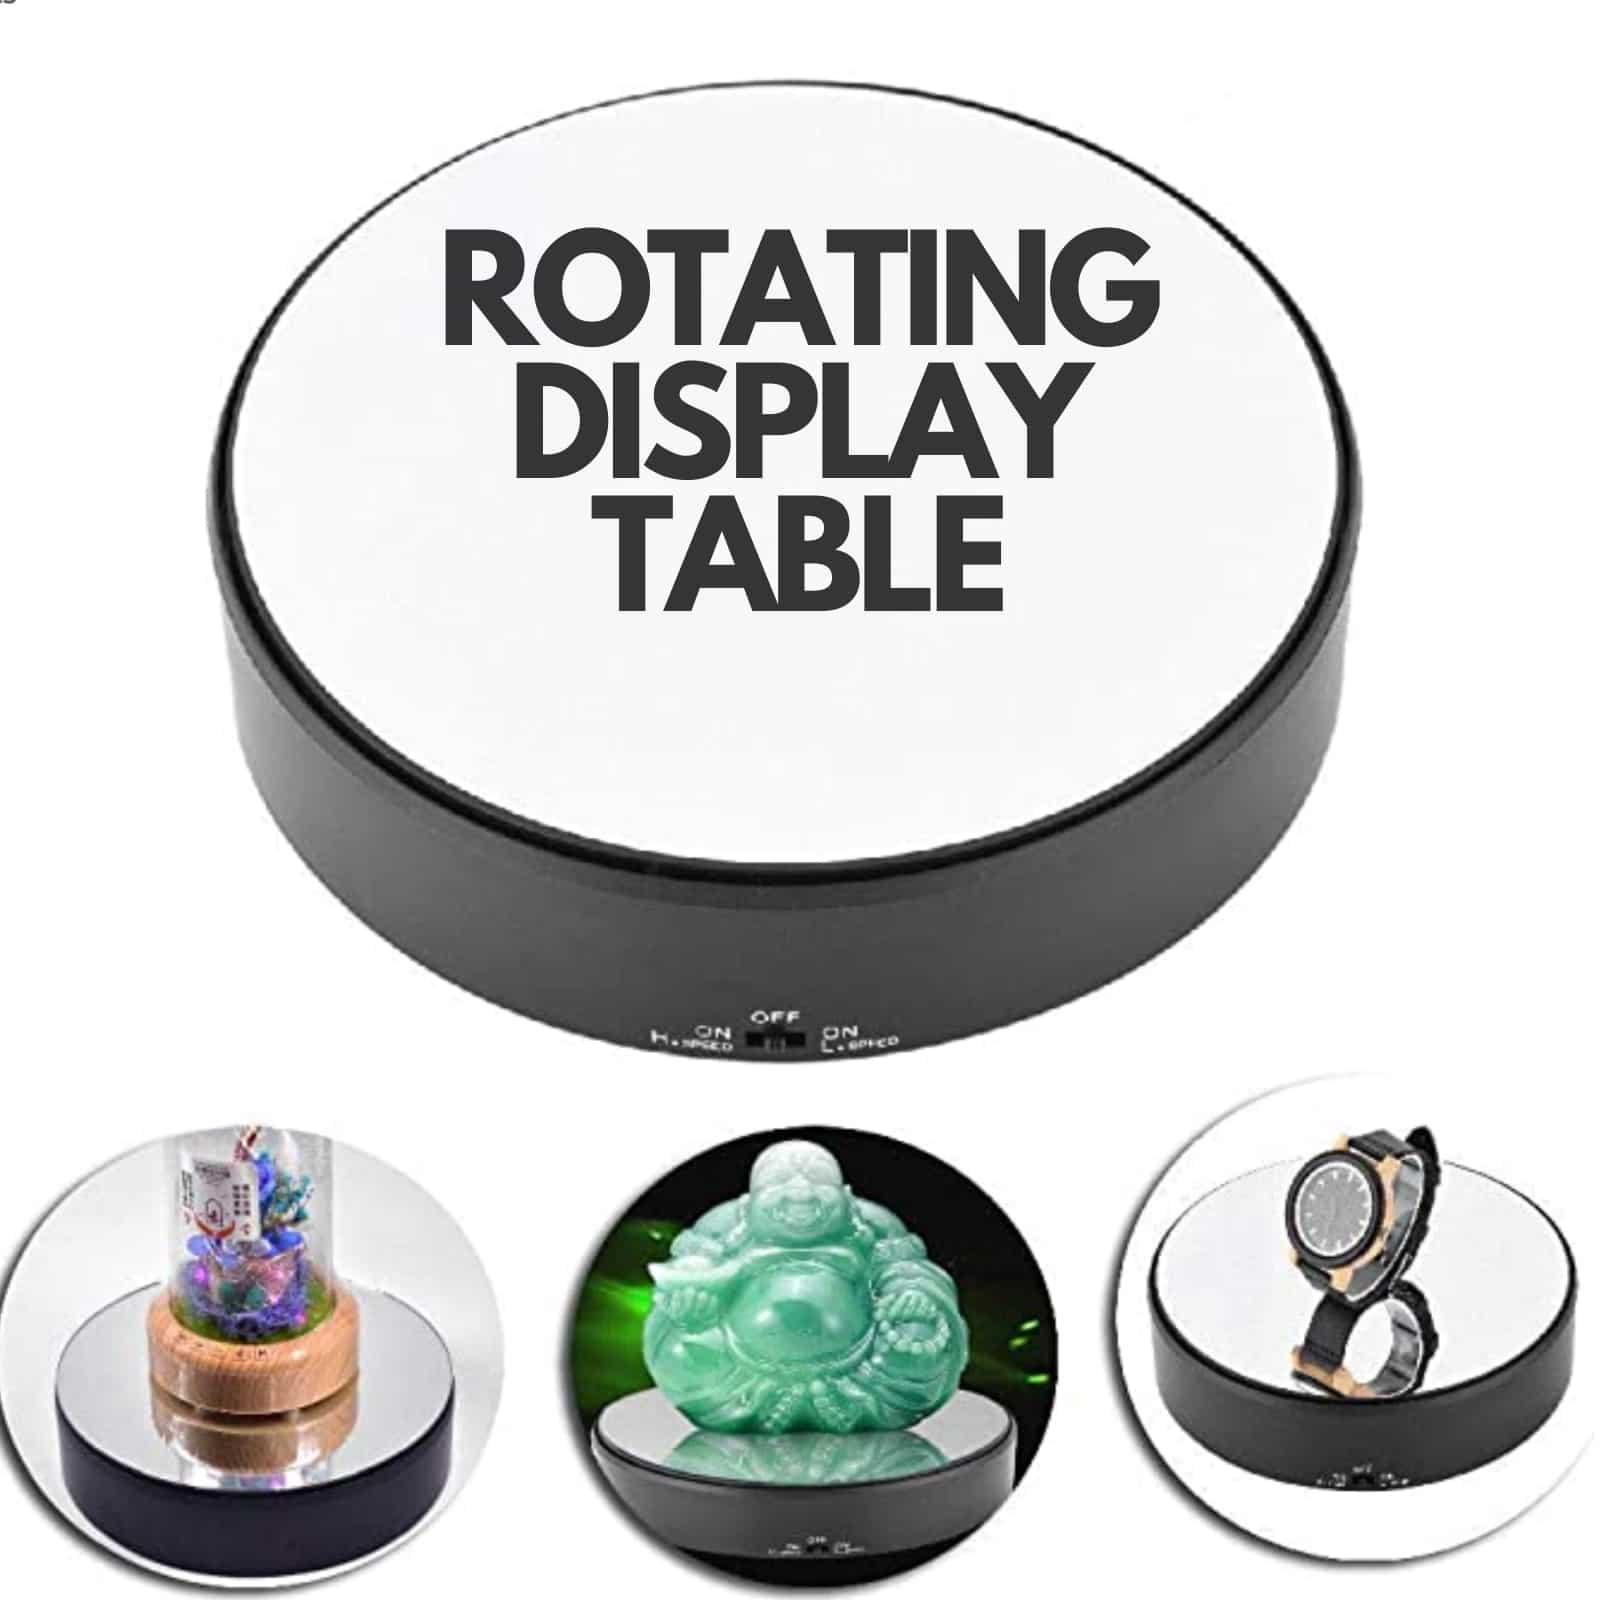 Rotating Display Table